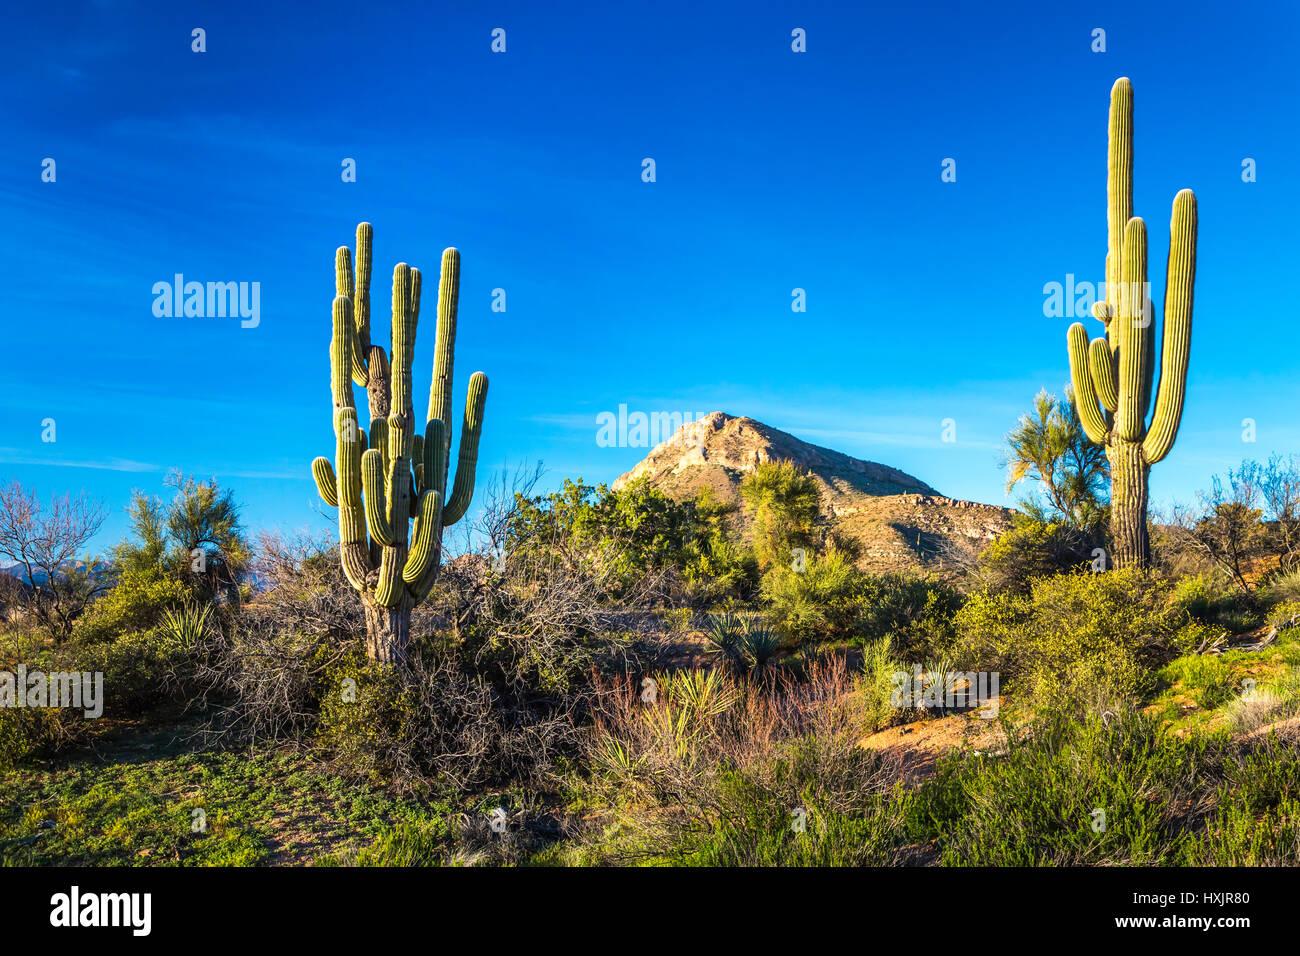 Eine Landschaftsansicht der Wüste Kaktus Vegetation in den Tonto National Forest, Arizona, USA. Stockfoto